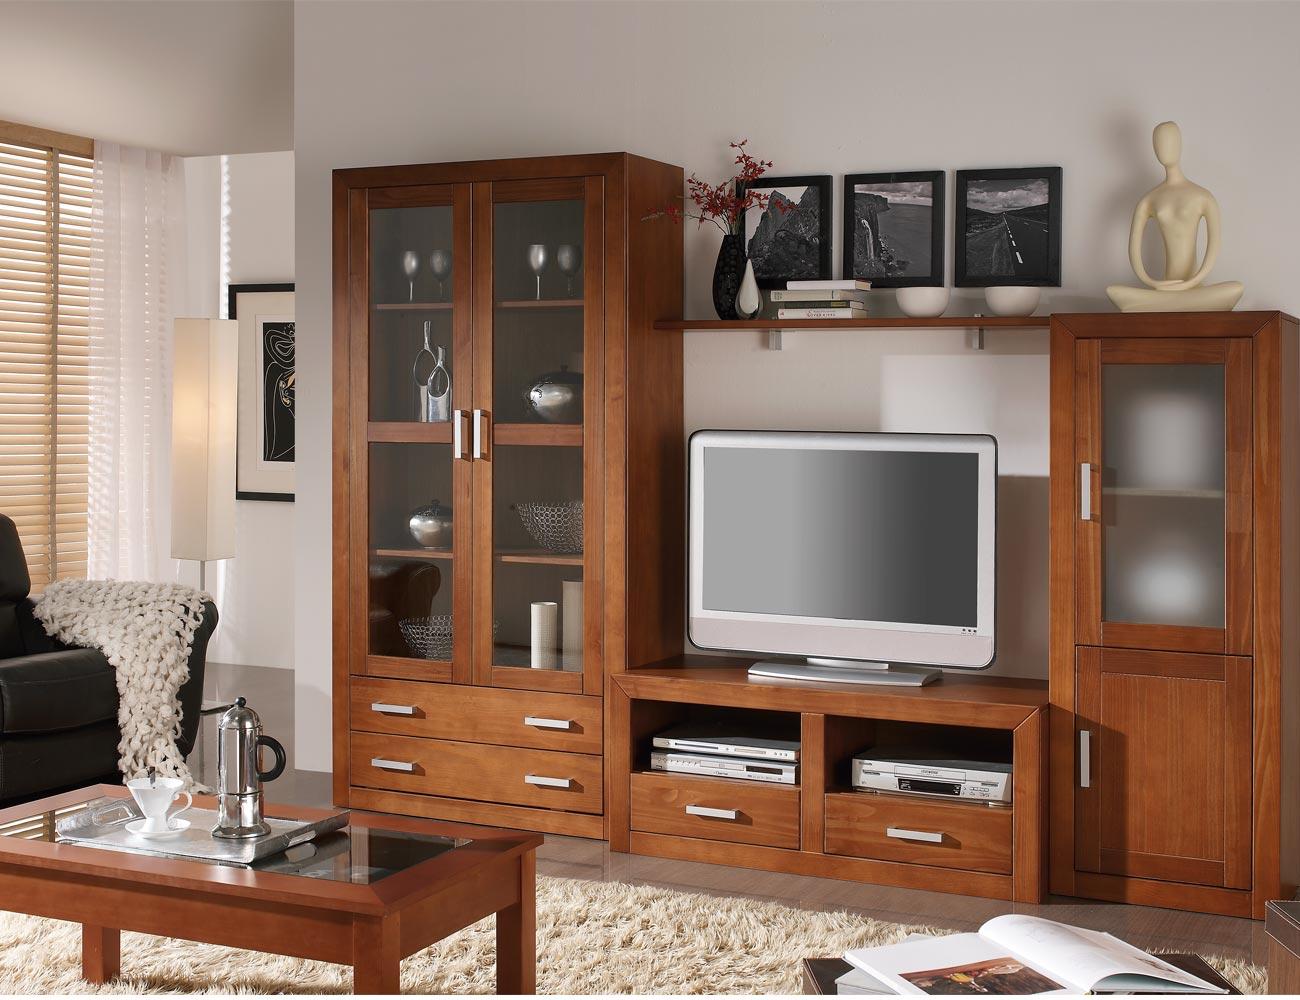 Muebles de sal n comedor estilo colonial en madera con for Mesa salon comedor